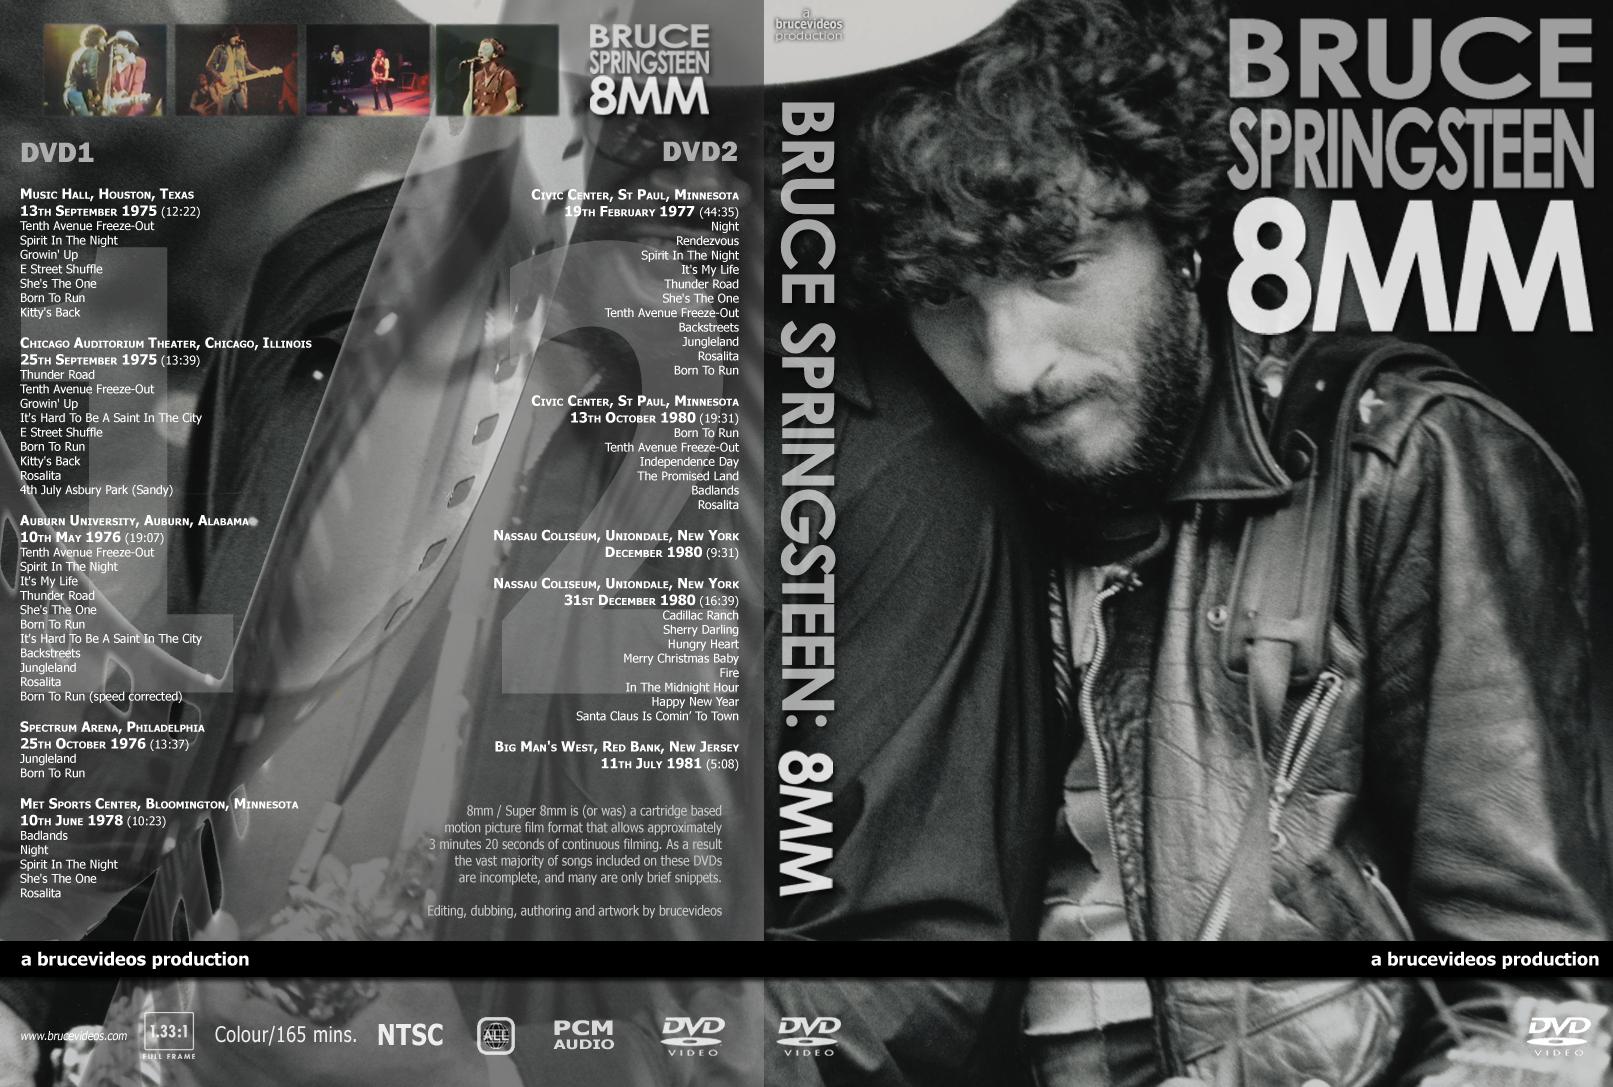 8MM | Springsteen DVDs